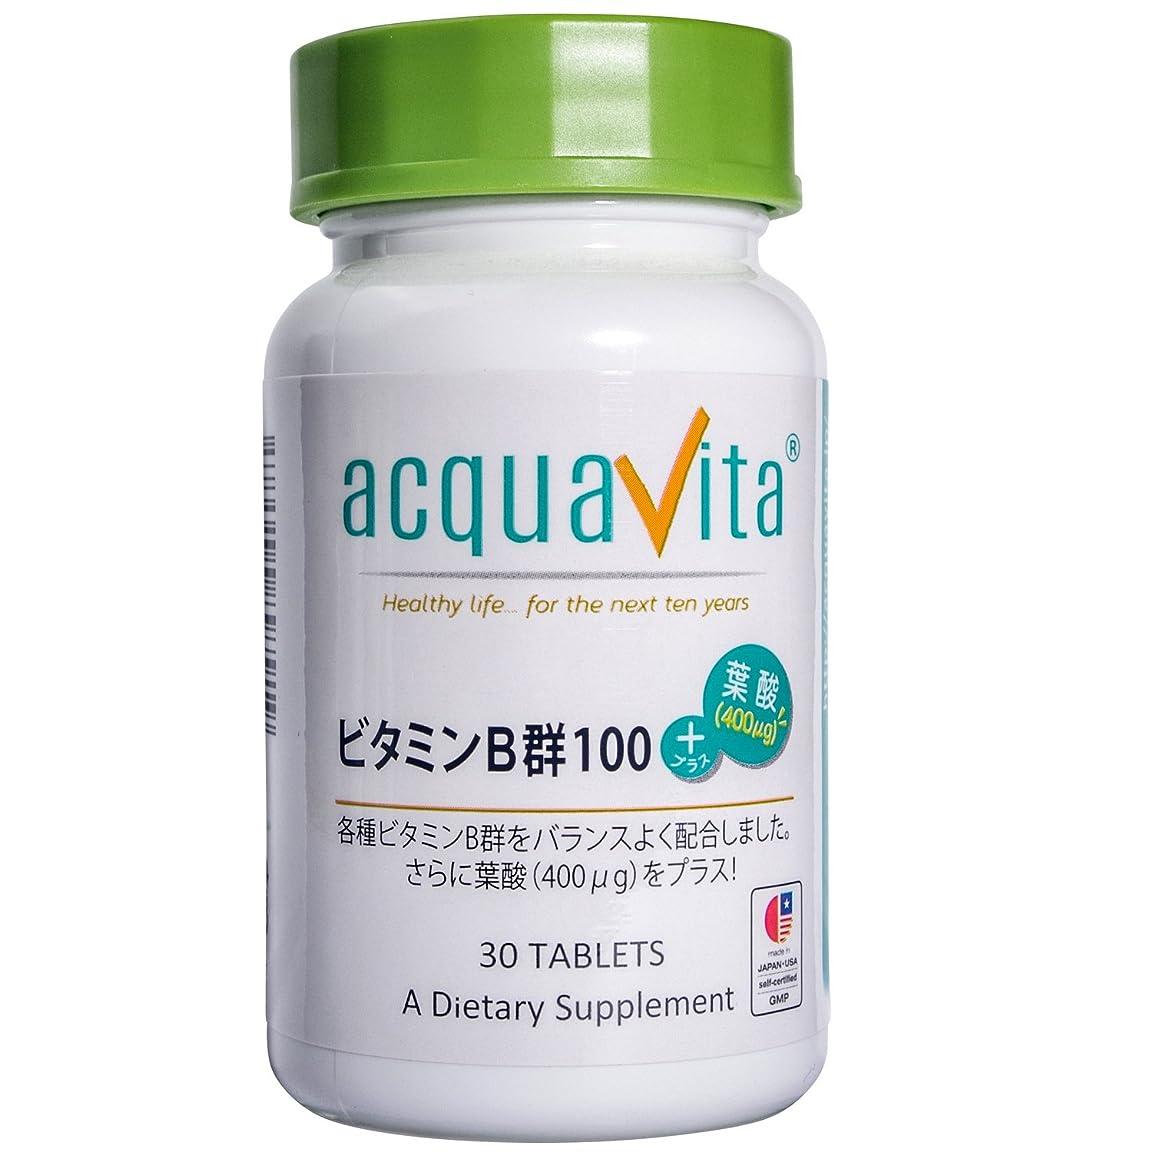 法王テクニカル発症acquavita(アクアヴィータ) ビタミンB群100+葉酸(400μg) 30粒